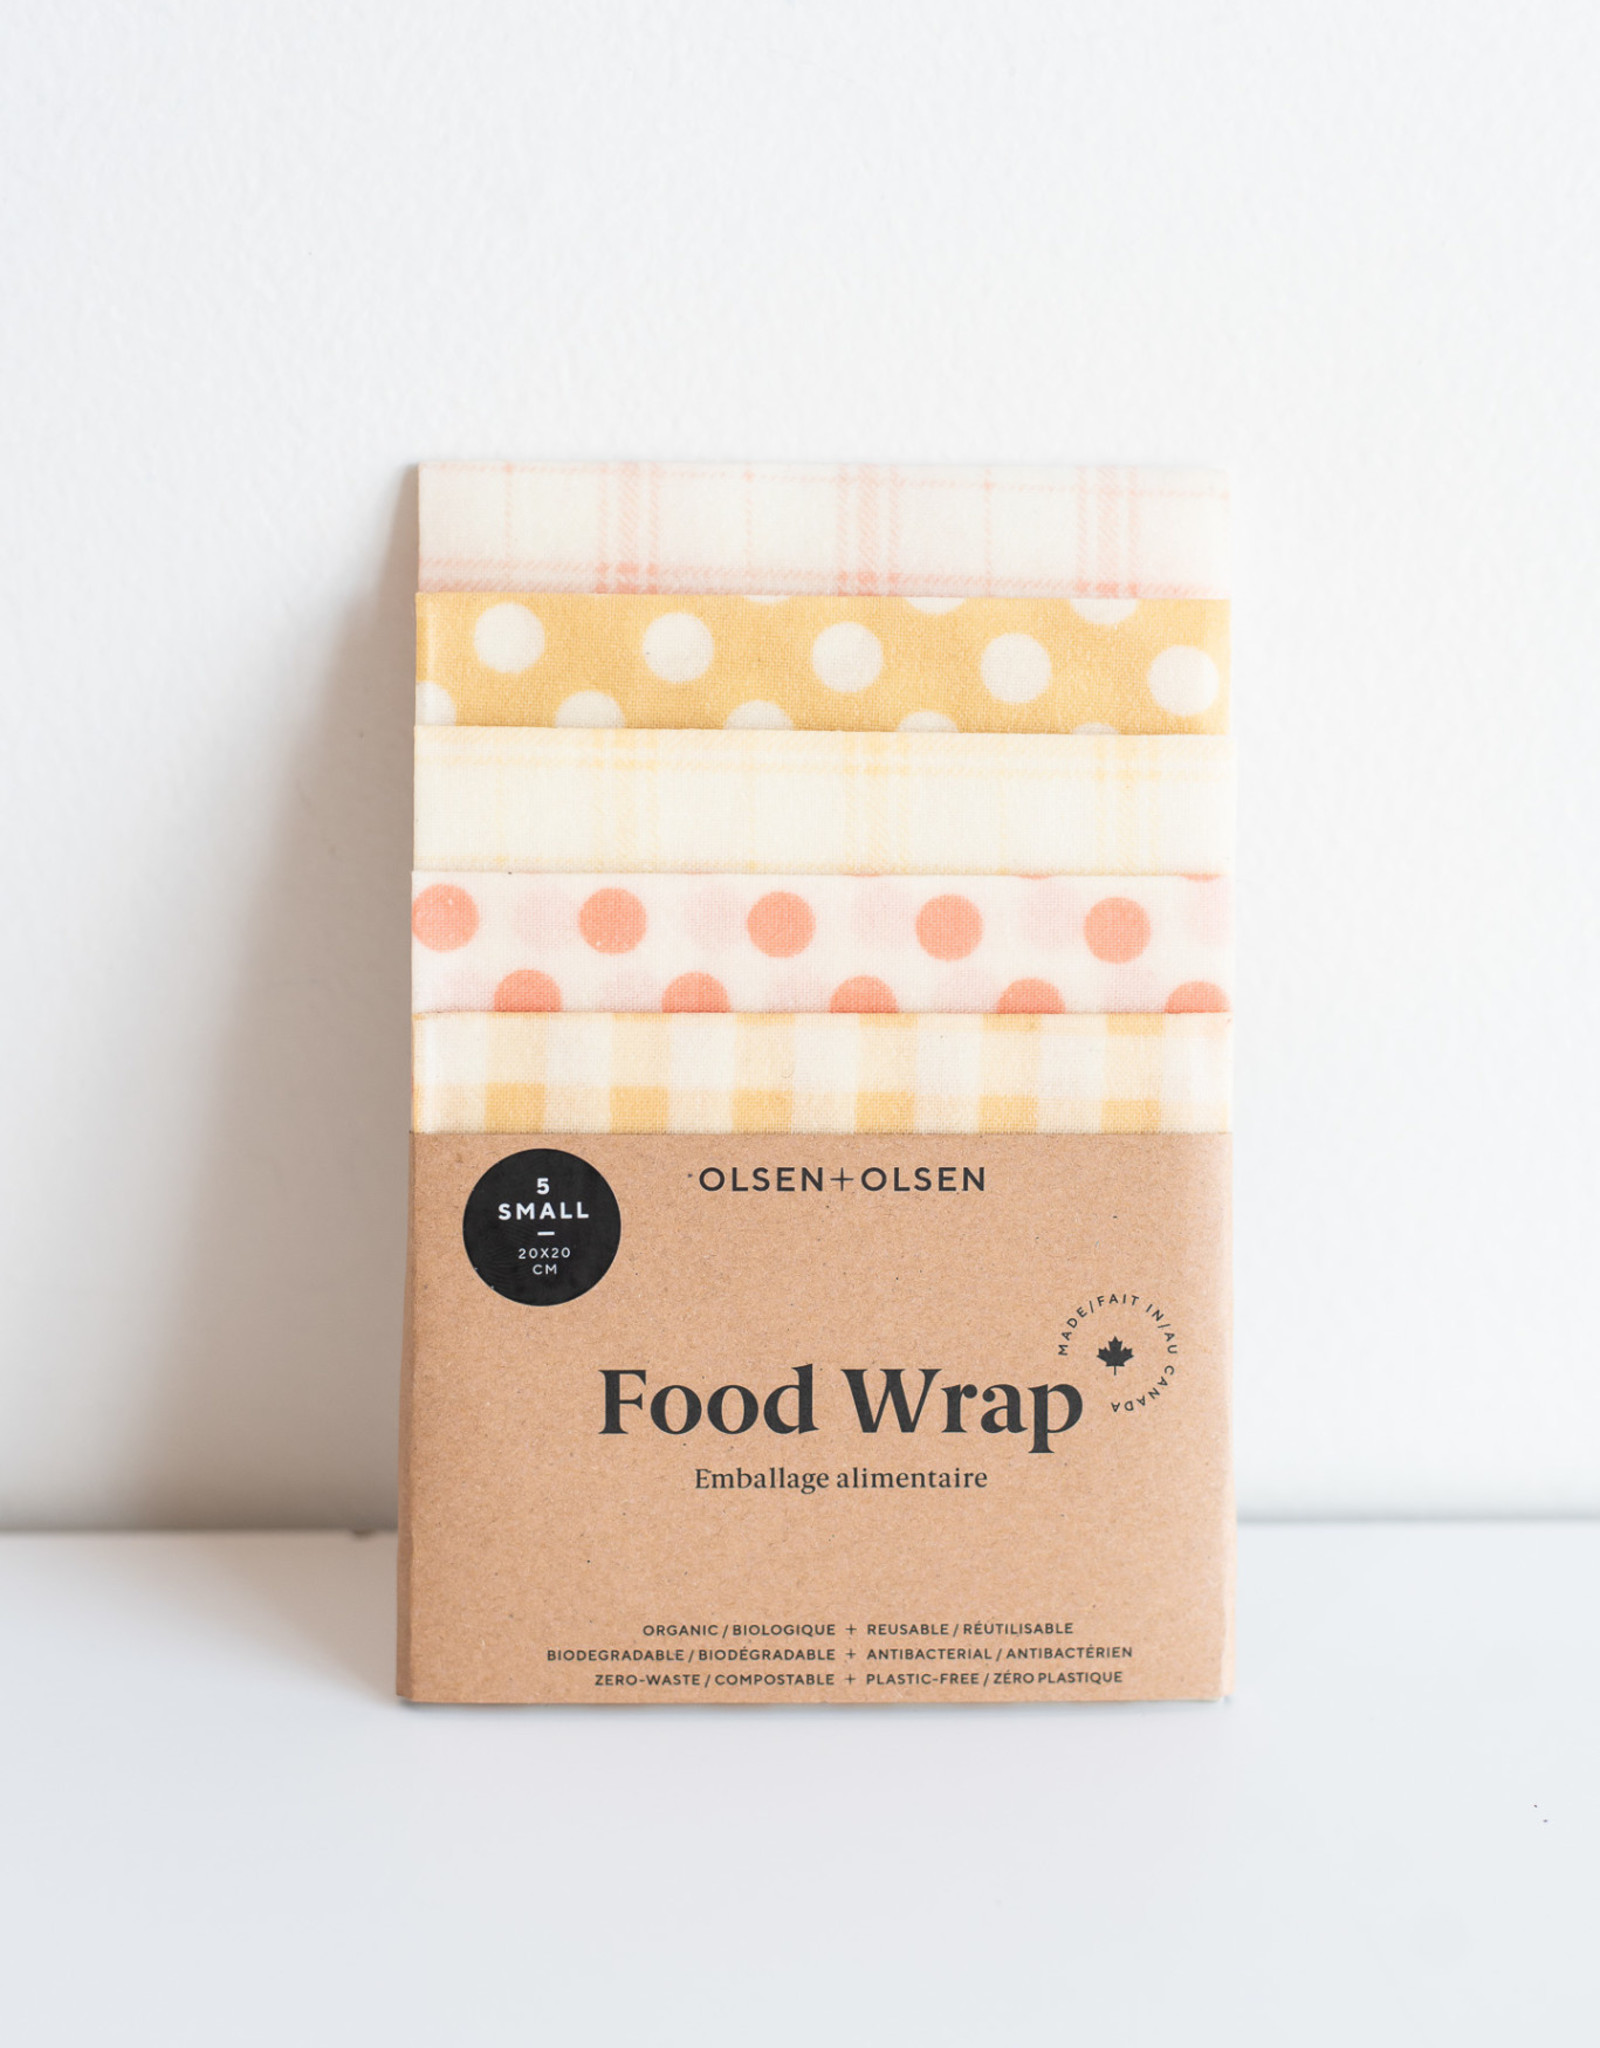 Olsen Olsen 5 petits Film Alimentaire-Pois